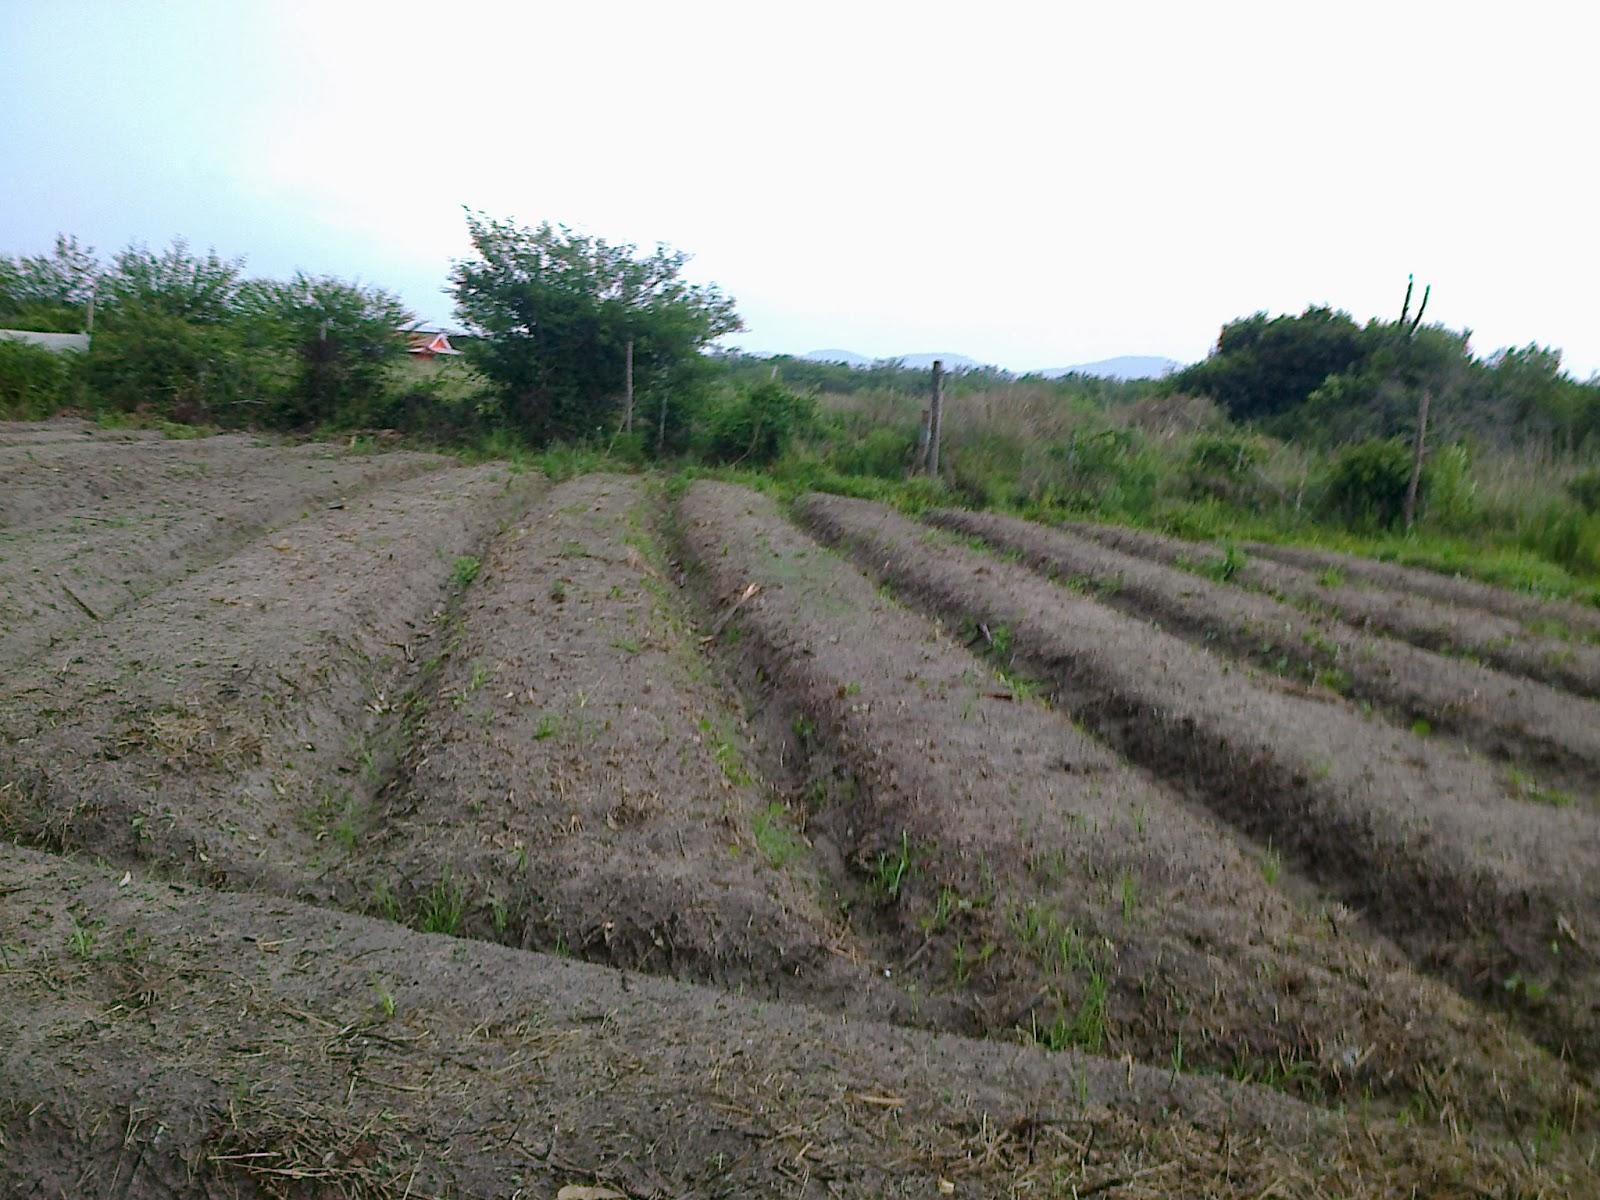 Est gio no s tio dos herdeiros solos arenosos dificultam for Tipos de terreno